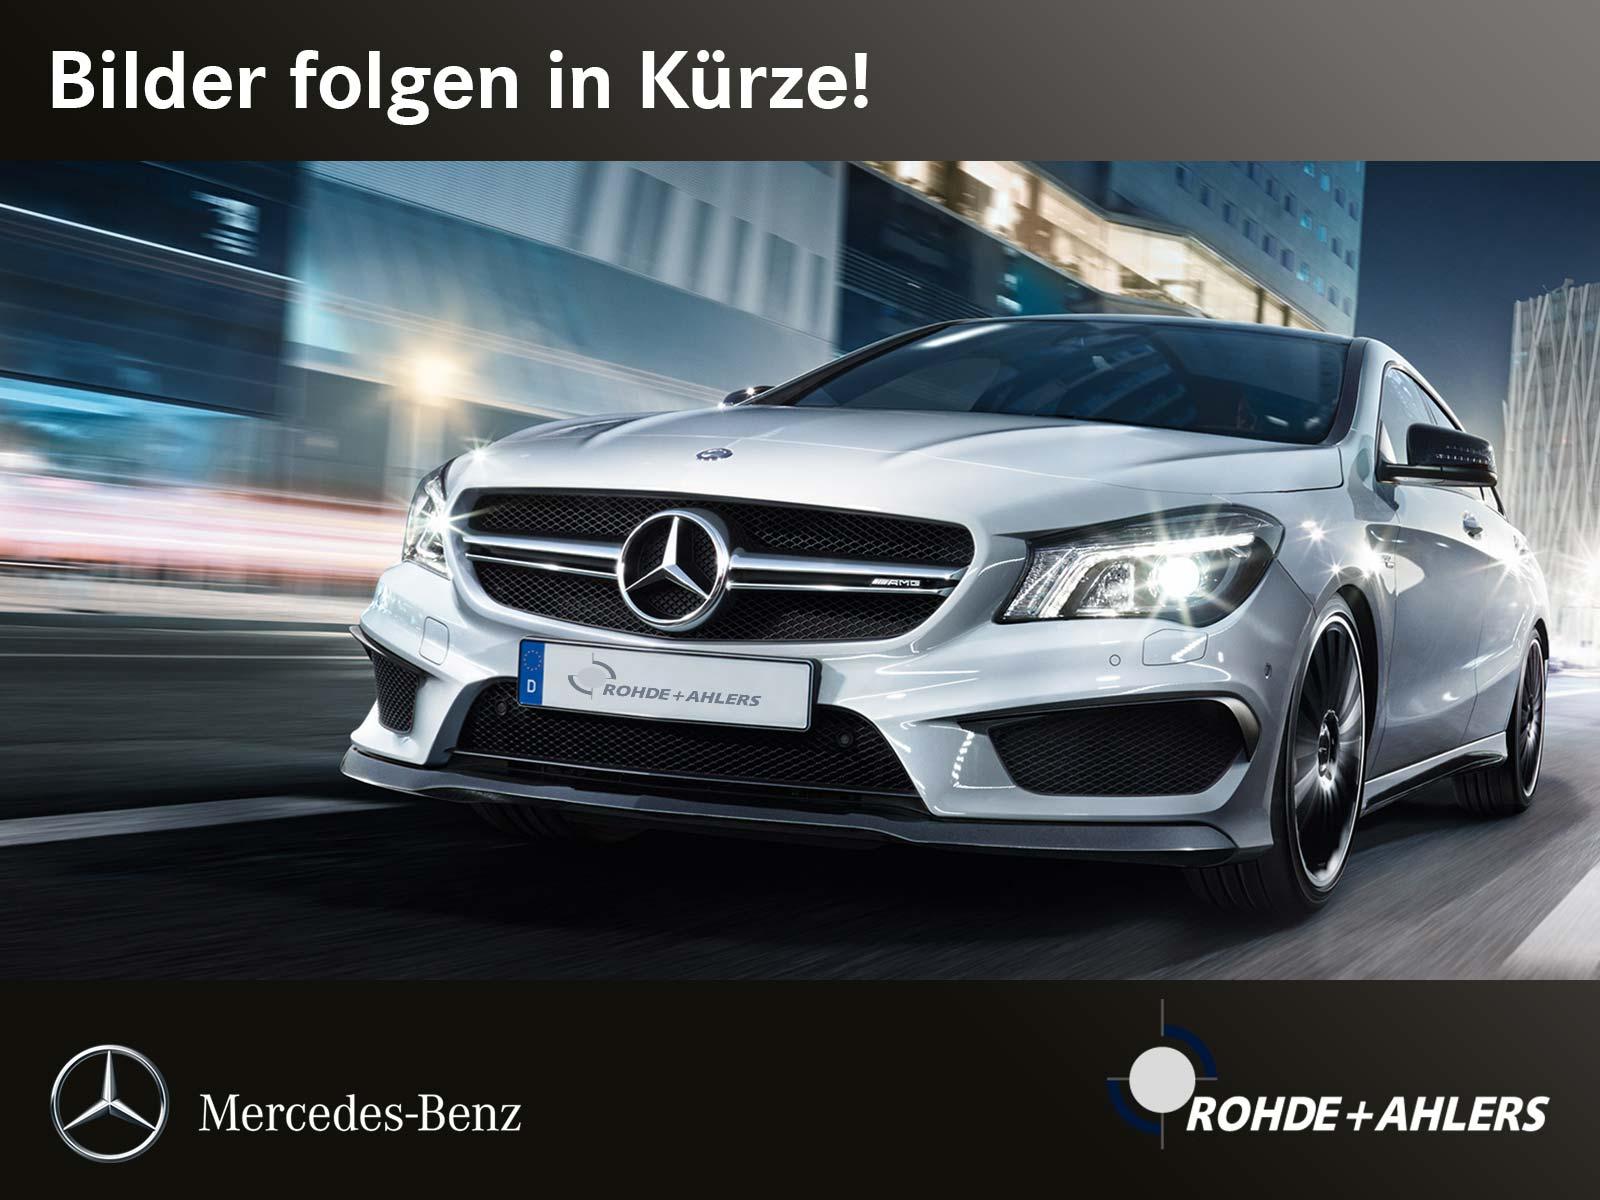 Mercedes-Benz A 180 CDI URBAN+NAVI+PARKPILOT+CD WECHSLER+TEMPO, Jahr 2012, Diesel